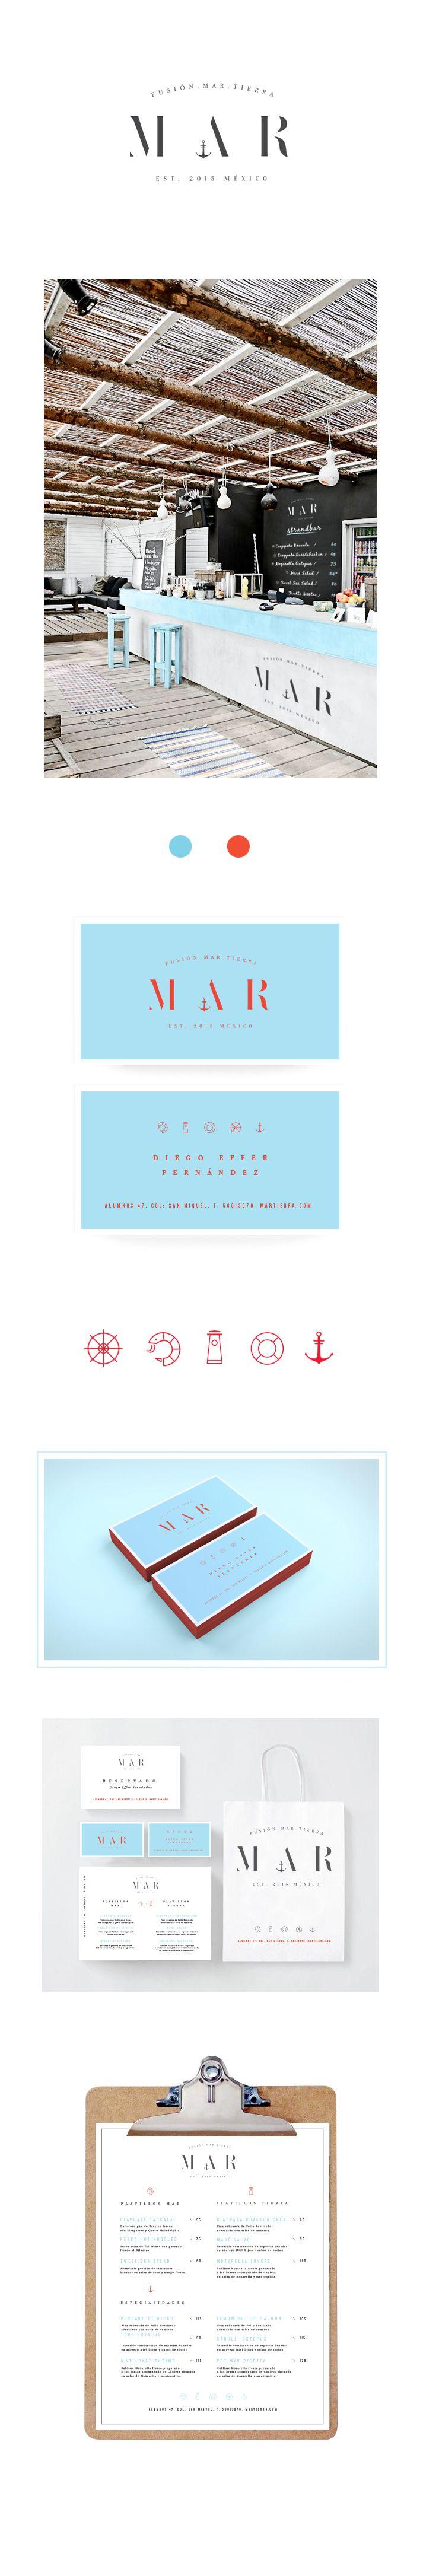 Se realizó una propuesta alternativa de Branding para el Proyecto de un Restaurante de Mariscos; la diversidad de platillos se expone por medio de los iconos, la sencillez y abstracción de cada uno logran empatía con el concepto bajo la premisa de ser un …